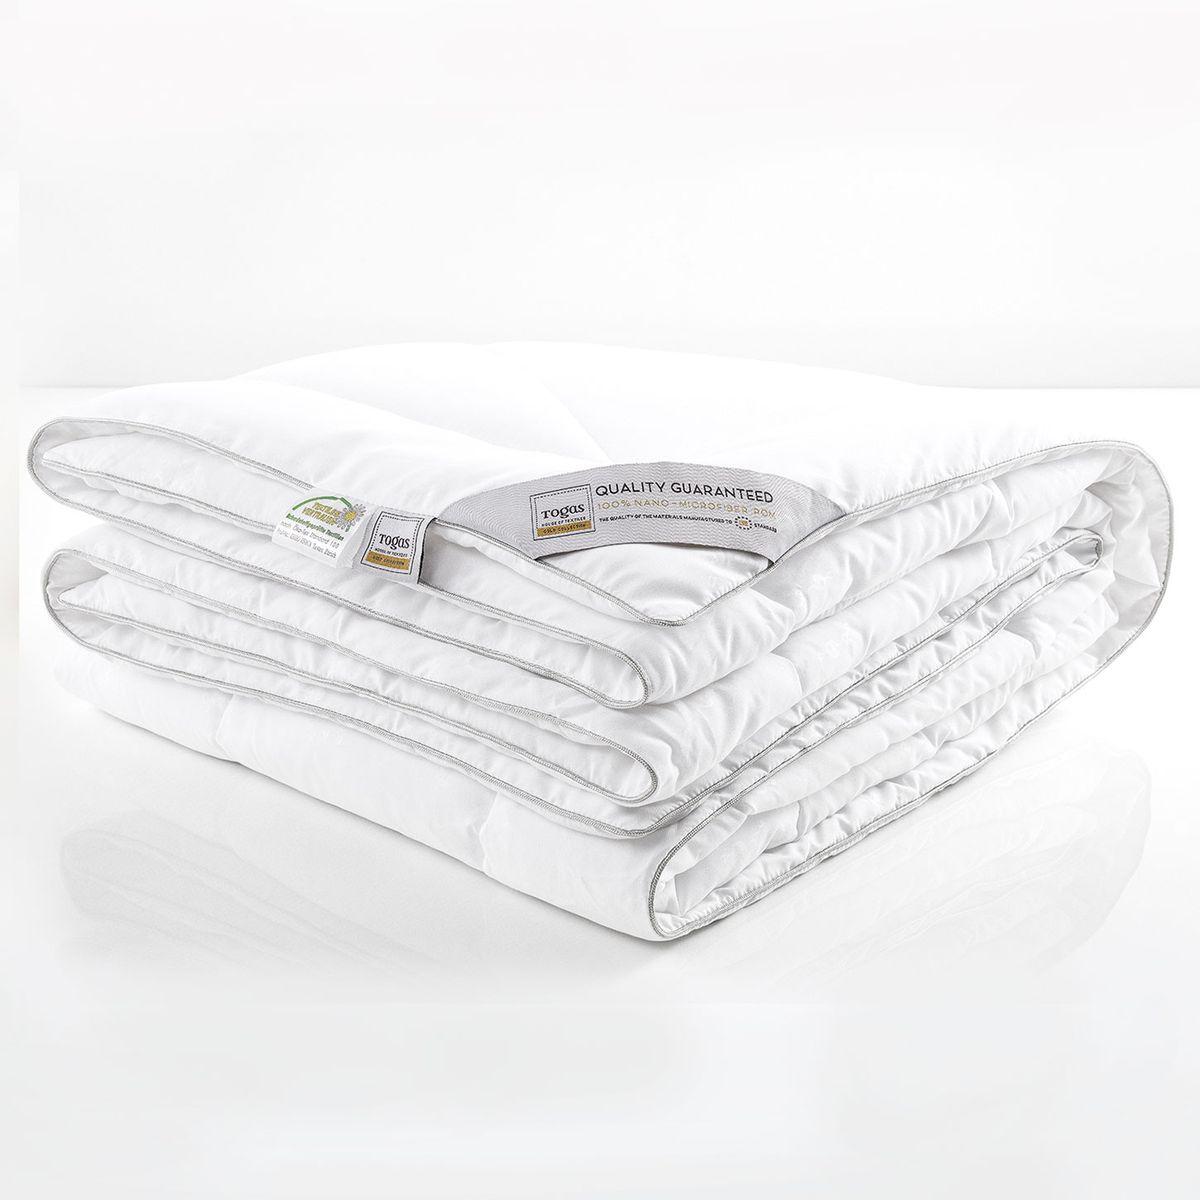 """Одеяло Нано микрофайбер с микрогранулами нано, 200 х 210 см. 20.04.12.001420.04.12.0014Комфортная темпетатура тела во время сна - важная составляющая комфорта. В идеальных условиях тело расслабляется и по-настоящему отдыхает, как результат - Вы просыпаетесь отдохнувшим и бодрым, готовым к новым свершениям. """"Микрофайбер с микрогранулами НАНО"""" - одеяло с """"климатконтролем"""". Оно «подстраивается» под различные температурные условия, регулируя температуру тела во время сна и наполняя Вас ощущением легкости и комфорта"""